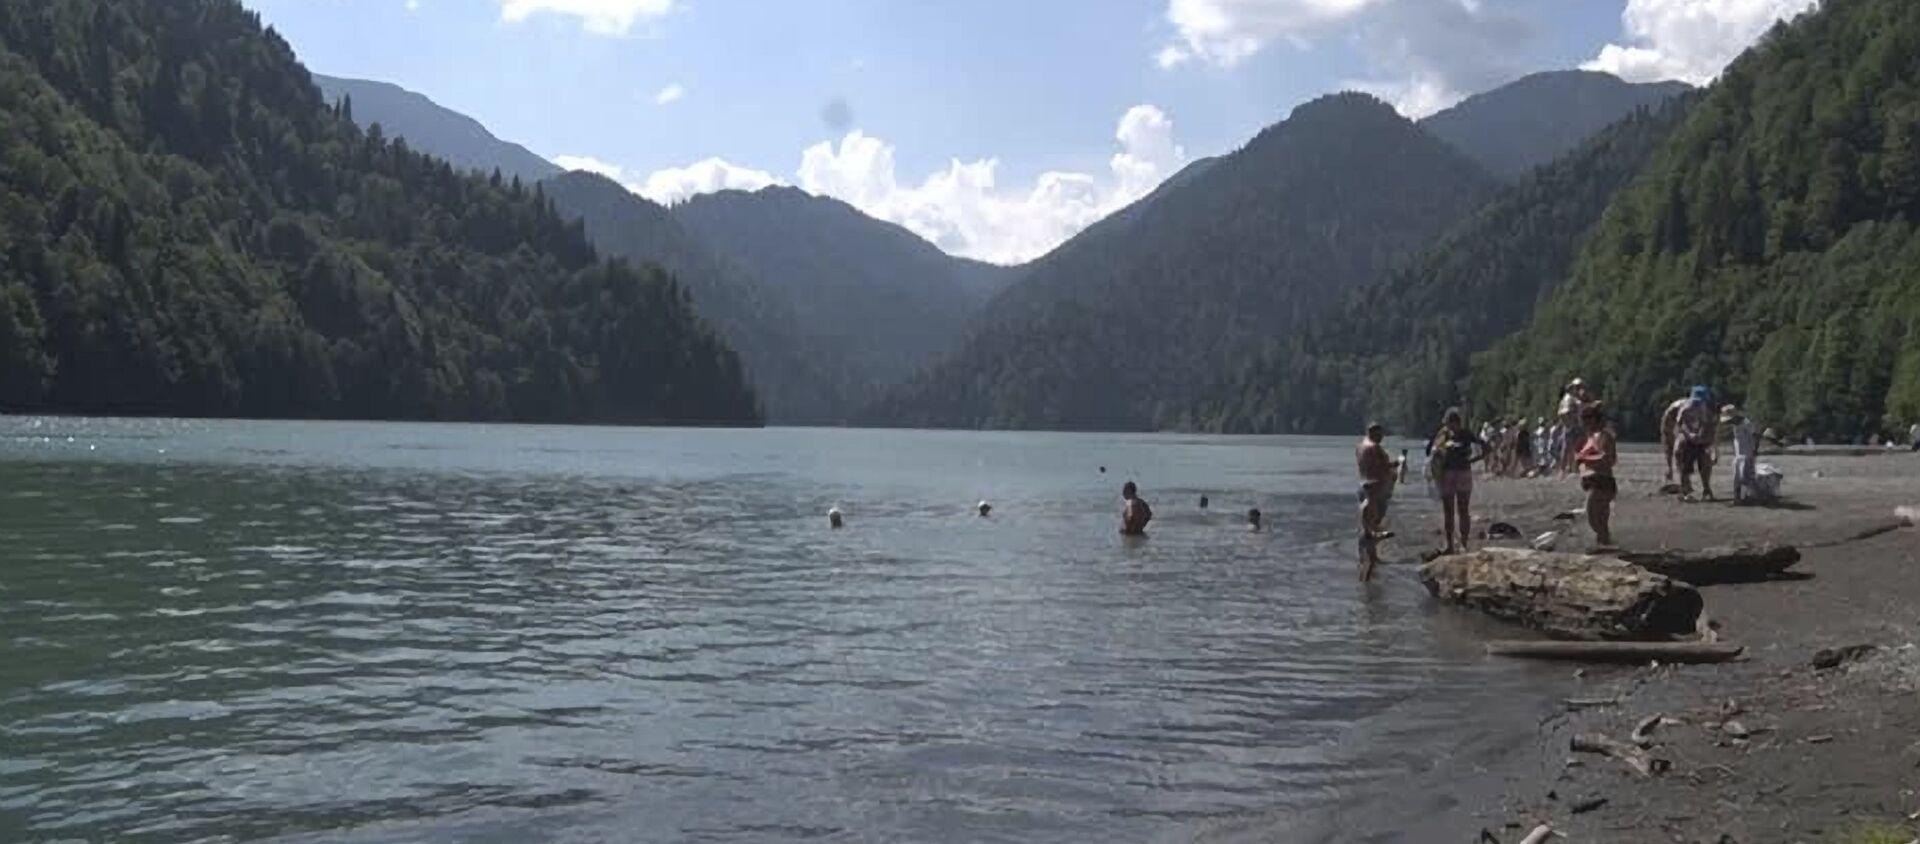 Туристы купаются в озере Рица  - Sputnik Аҧсны, 1920, 09.08.2021